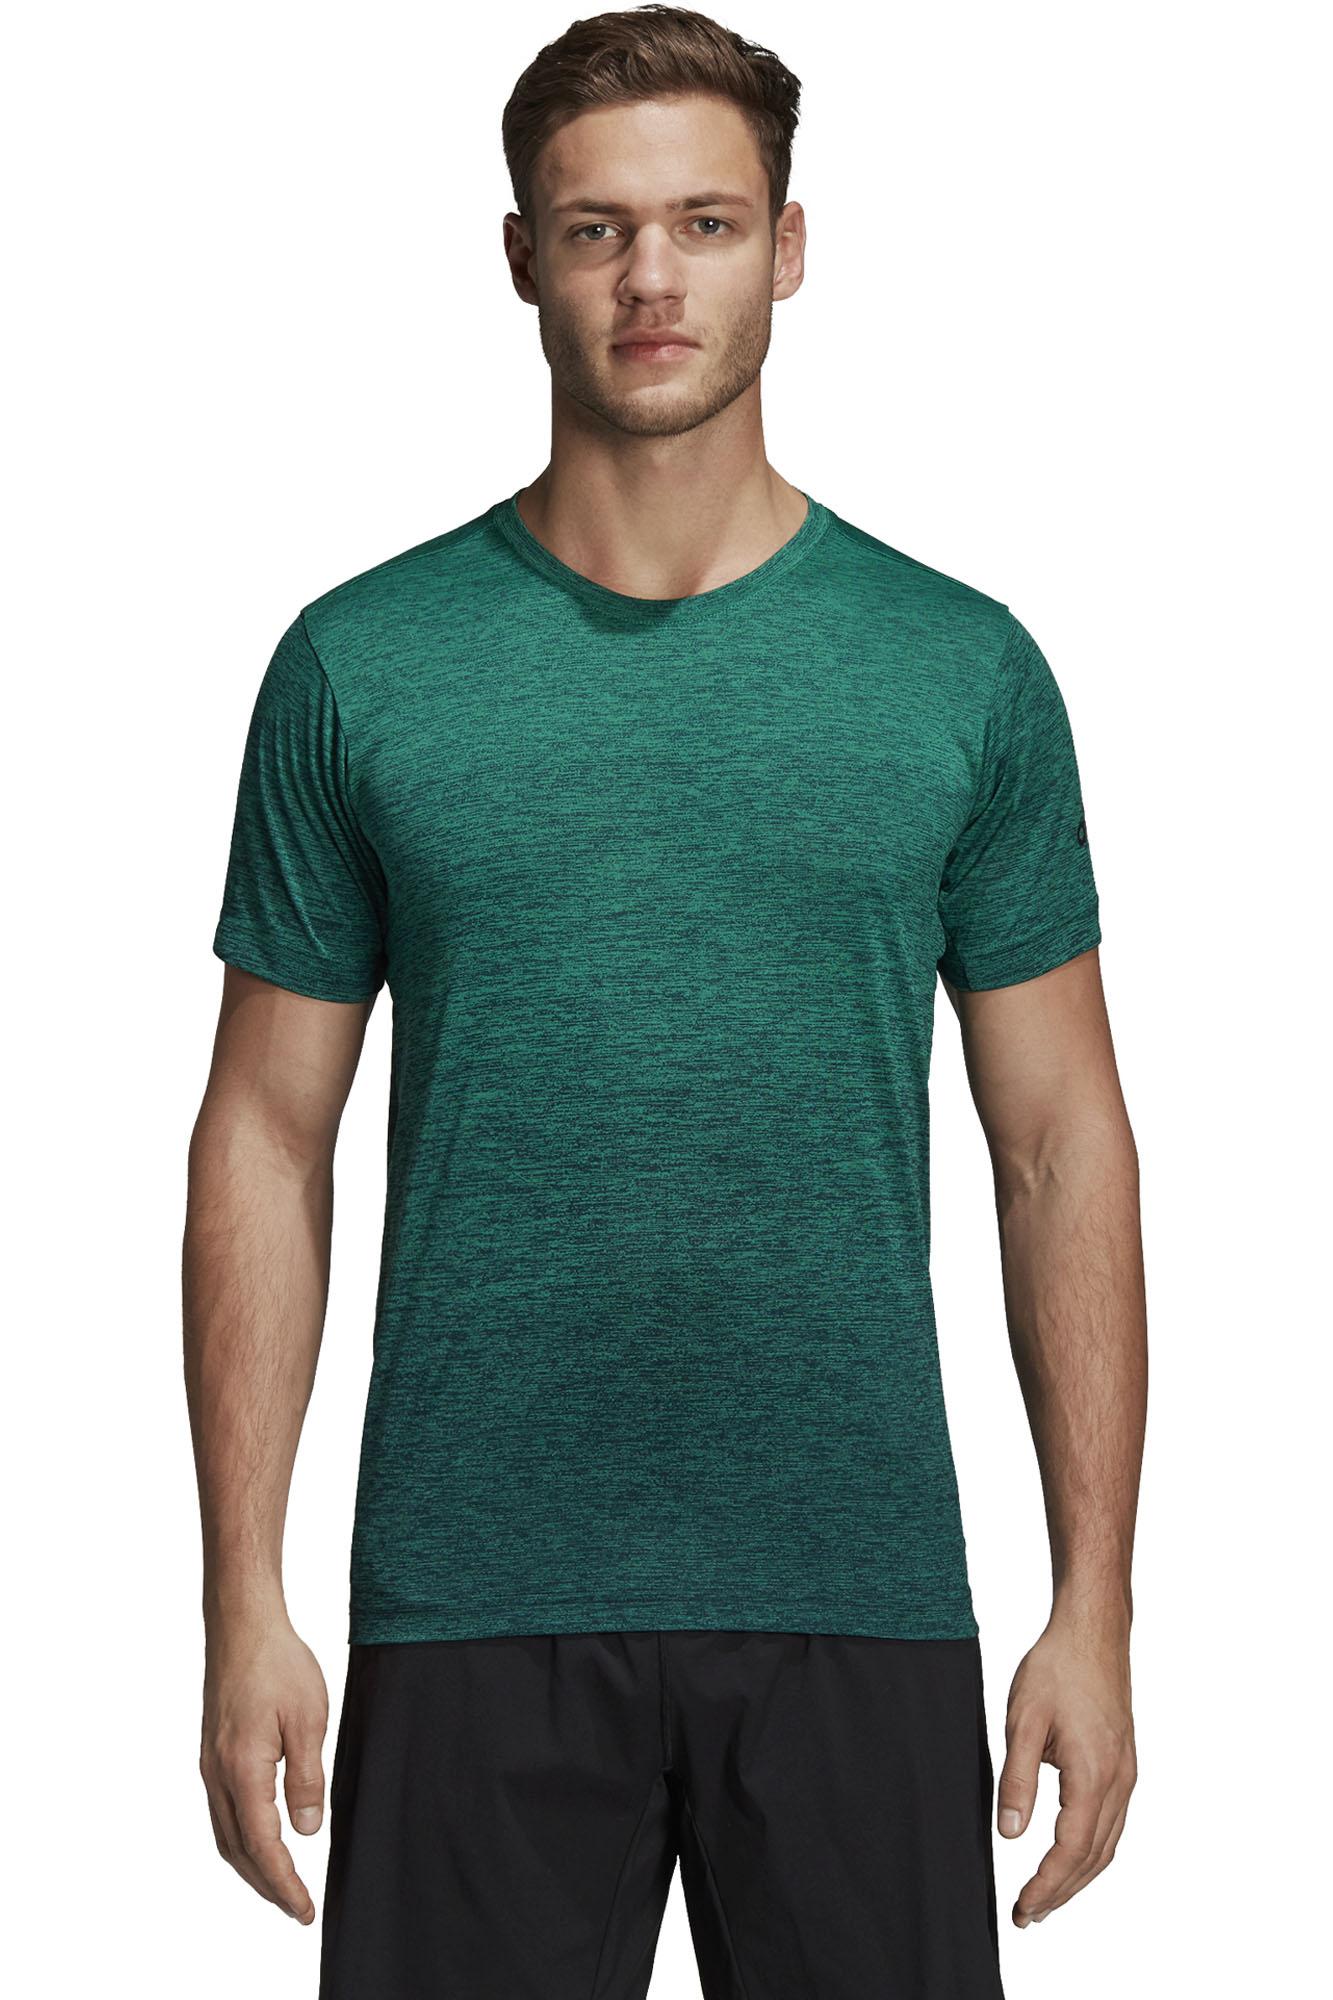 cd14abcf4385ca Koszulka adidas FreeLift Gradient - CW3440 / T-shirt / Odzież ...